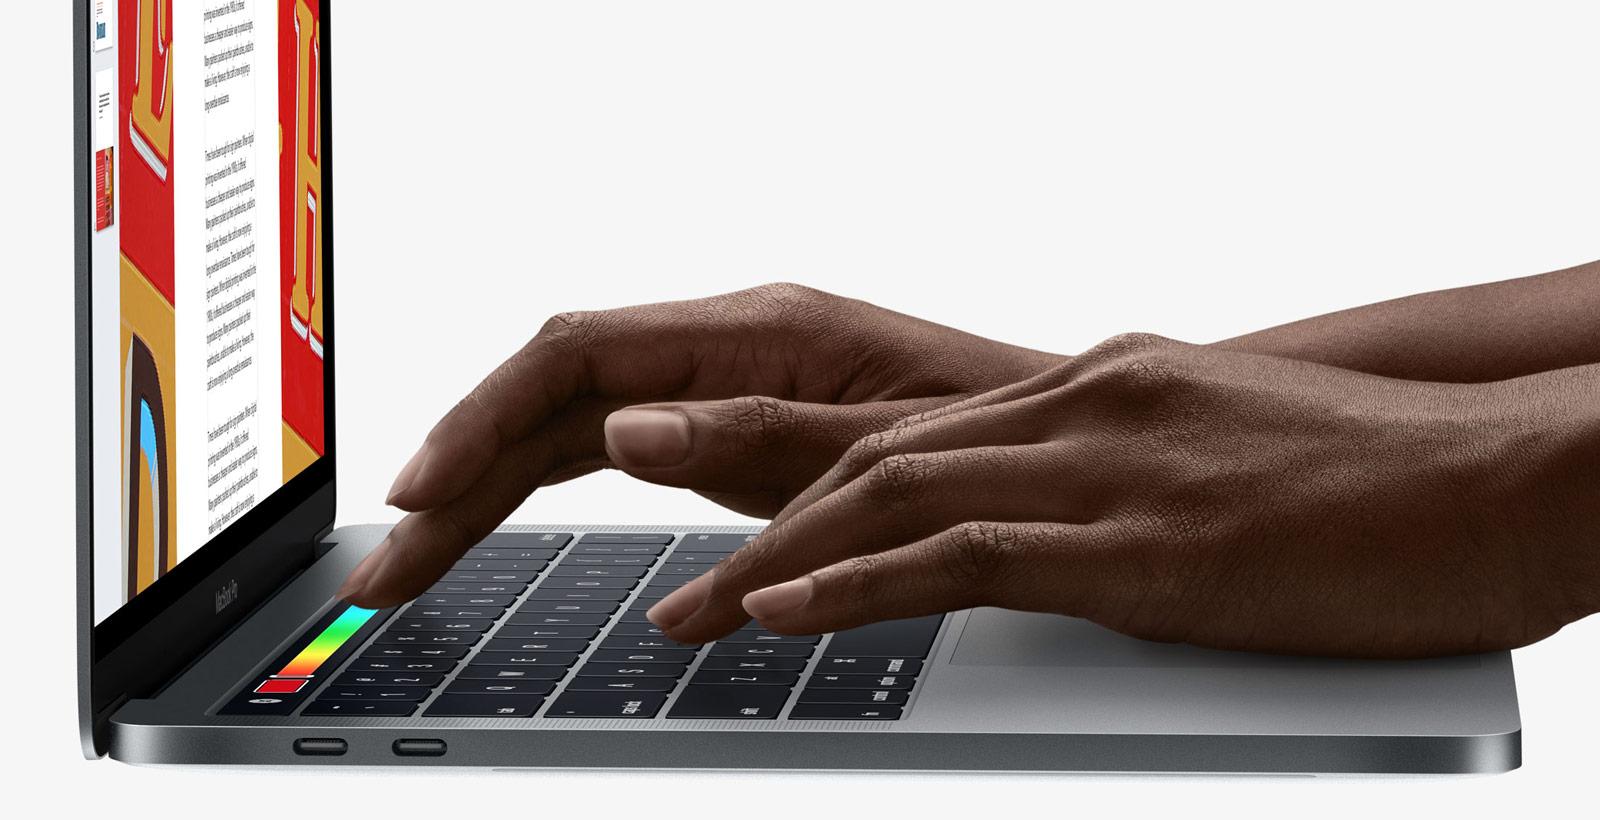 macbookpro02